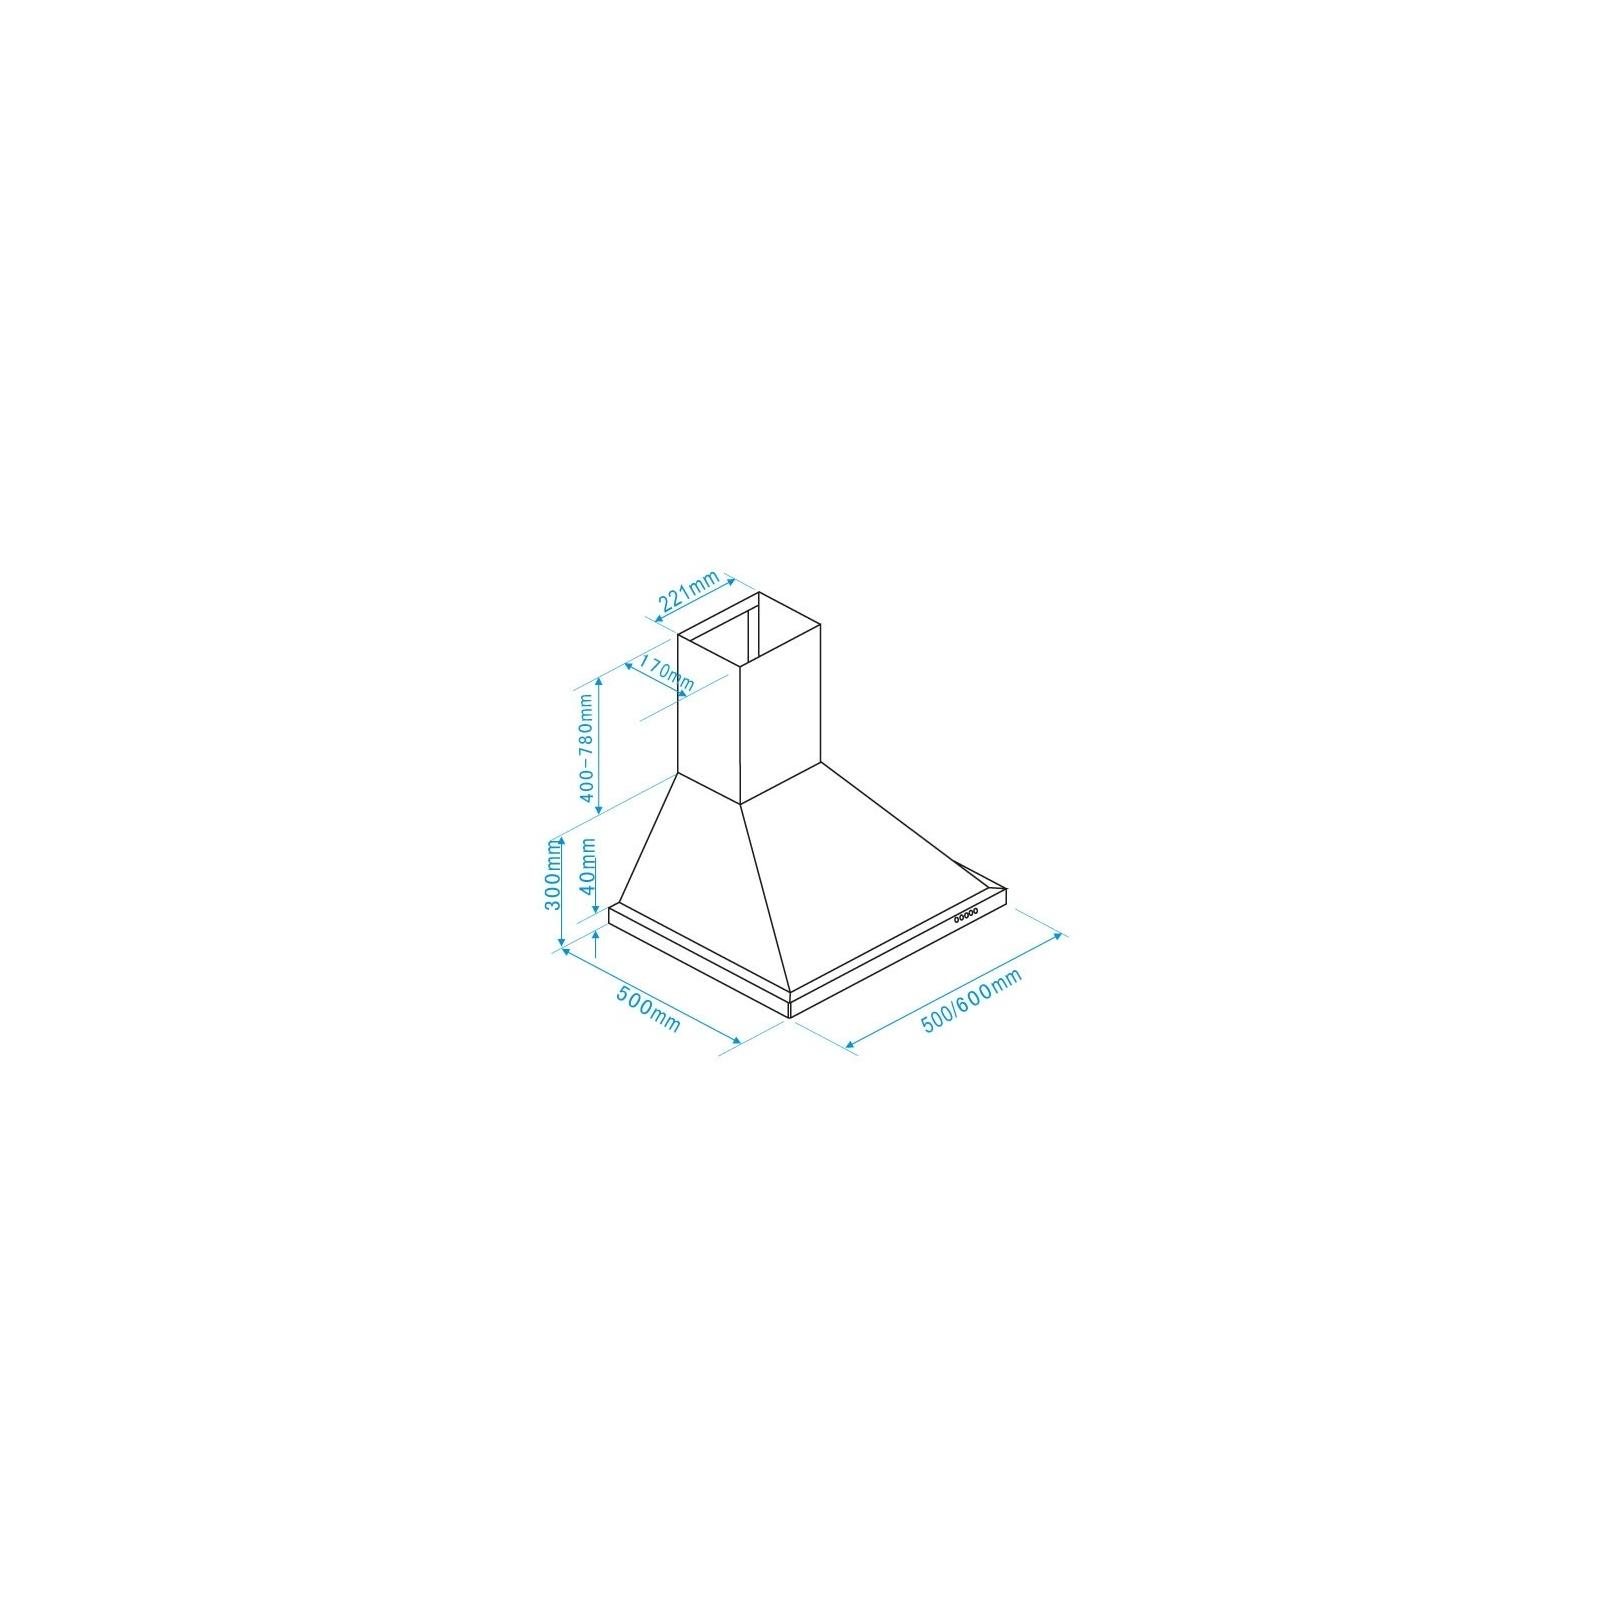 Вытяжка кухонная INTERLINE DONNA X A/50 PB изображение 2